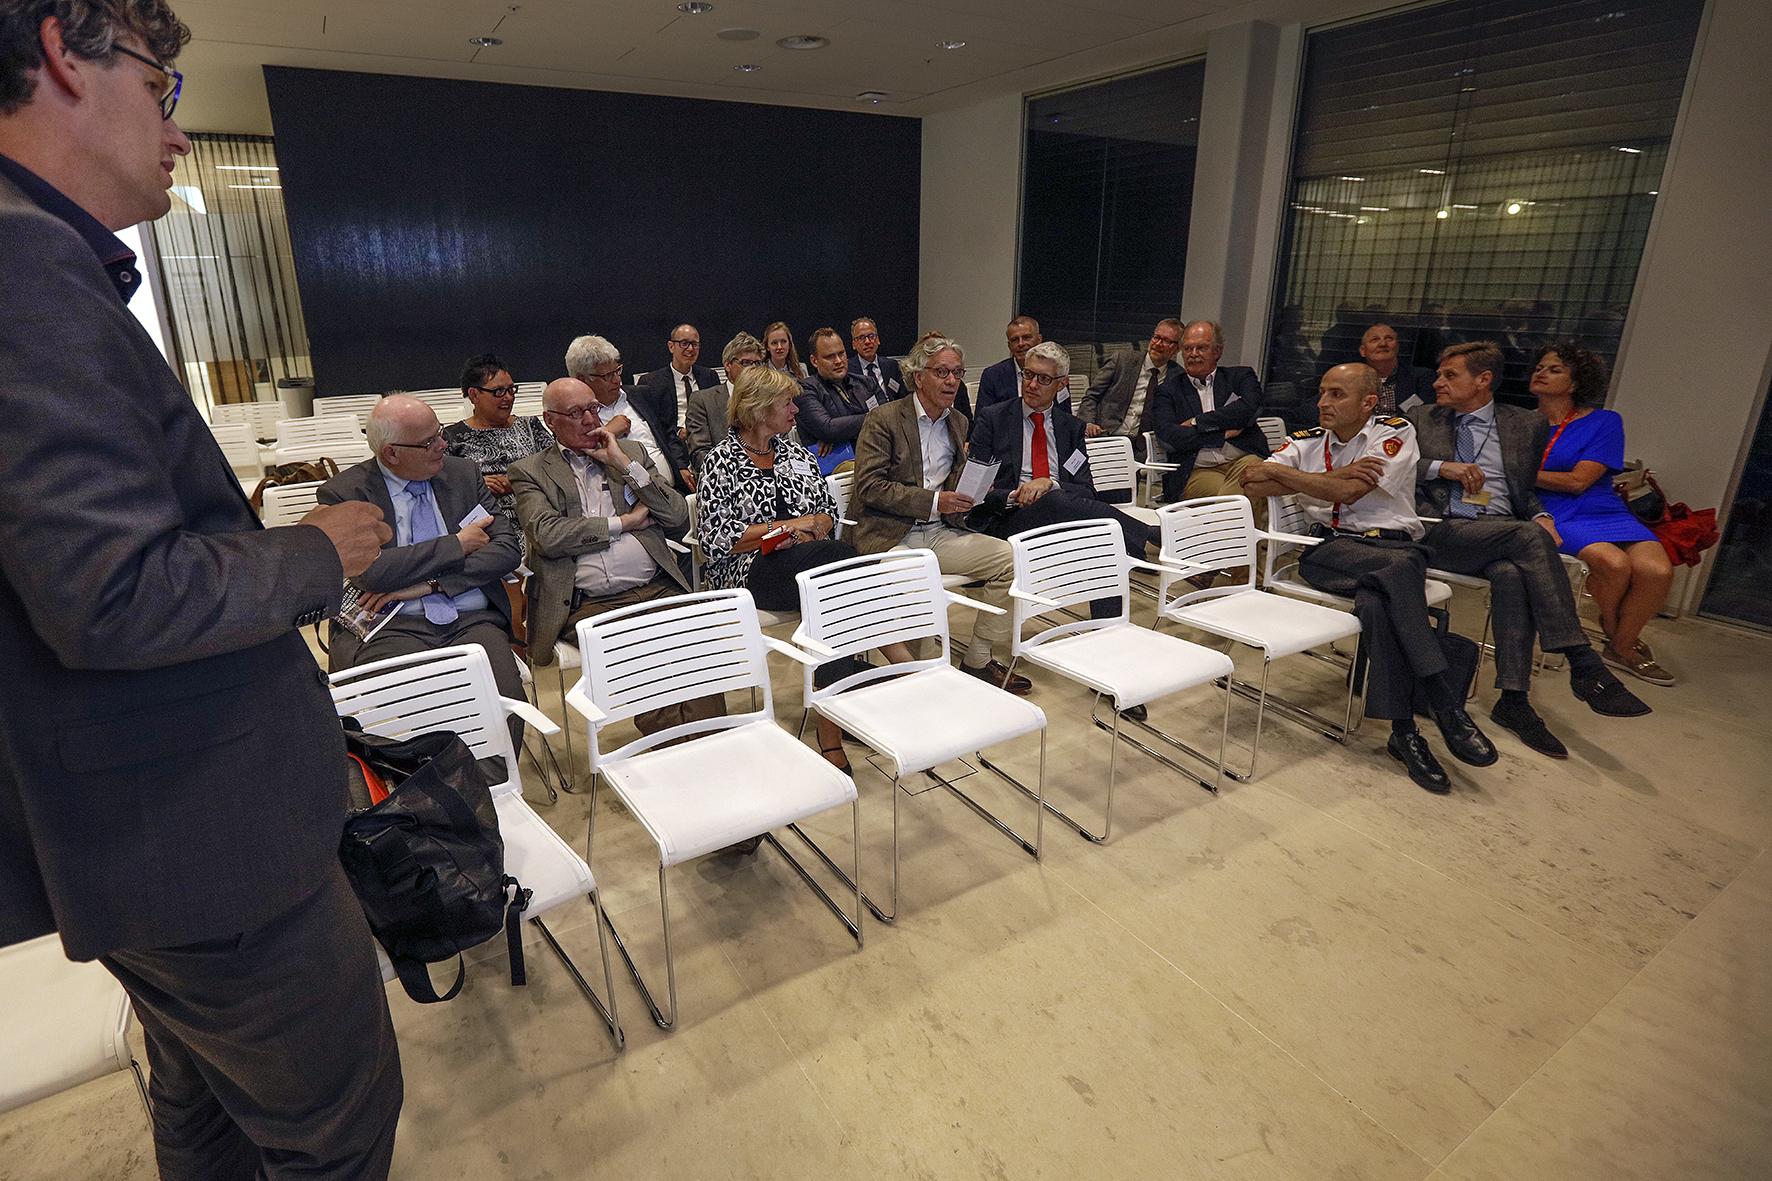 Burgemeesters excursie Sittard Stein (17)